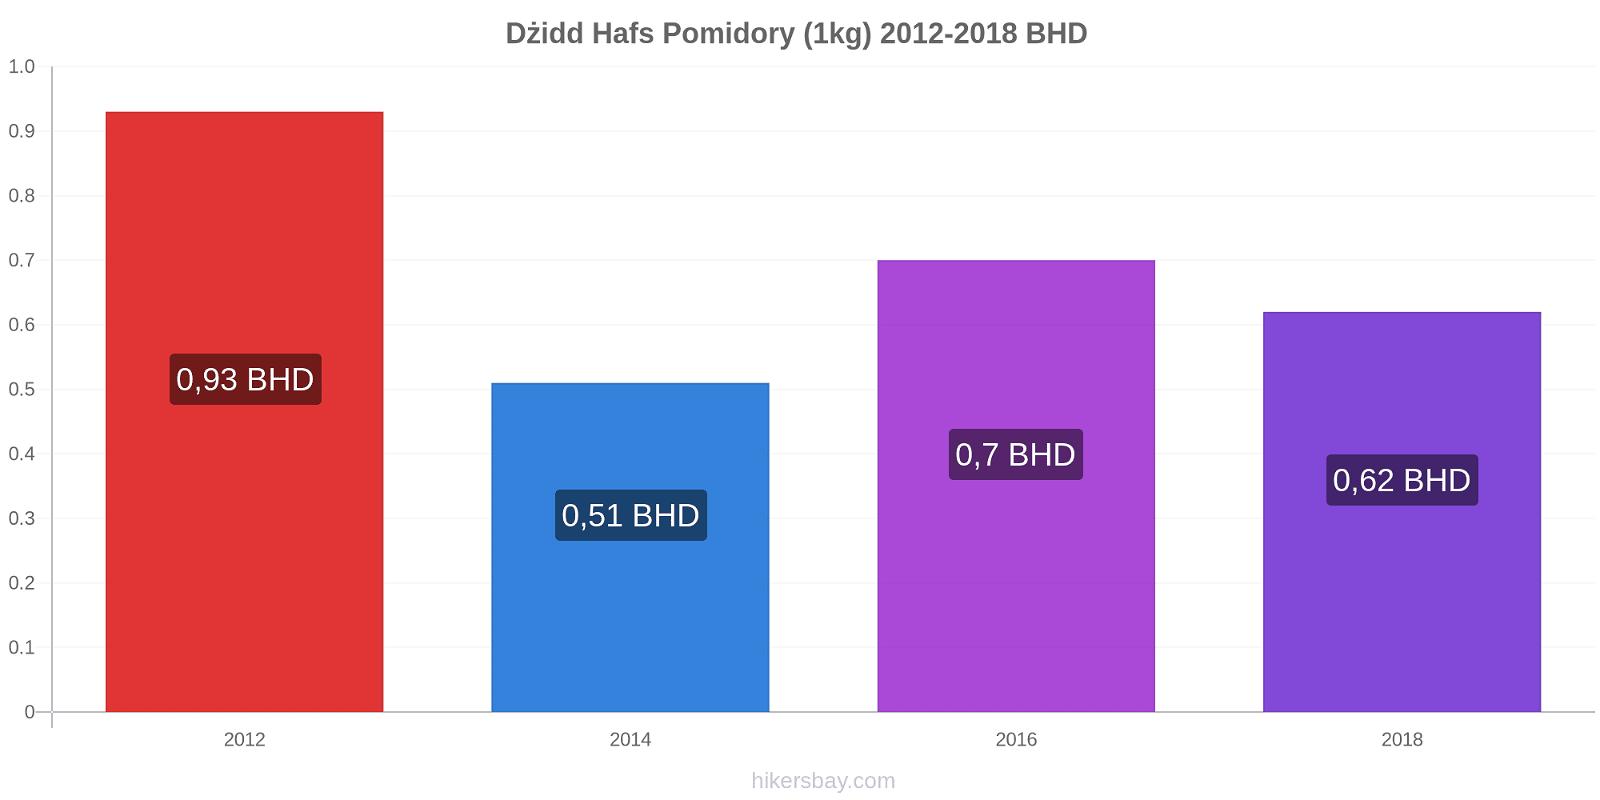 Dżidd Hafs zmiany cen Pomidory (1kg) hikersbay.com